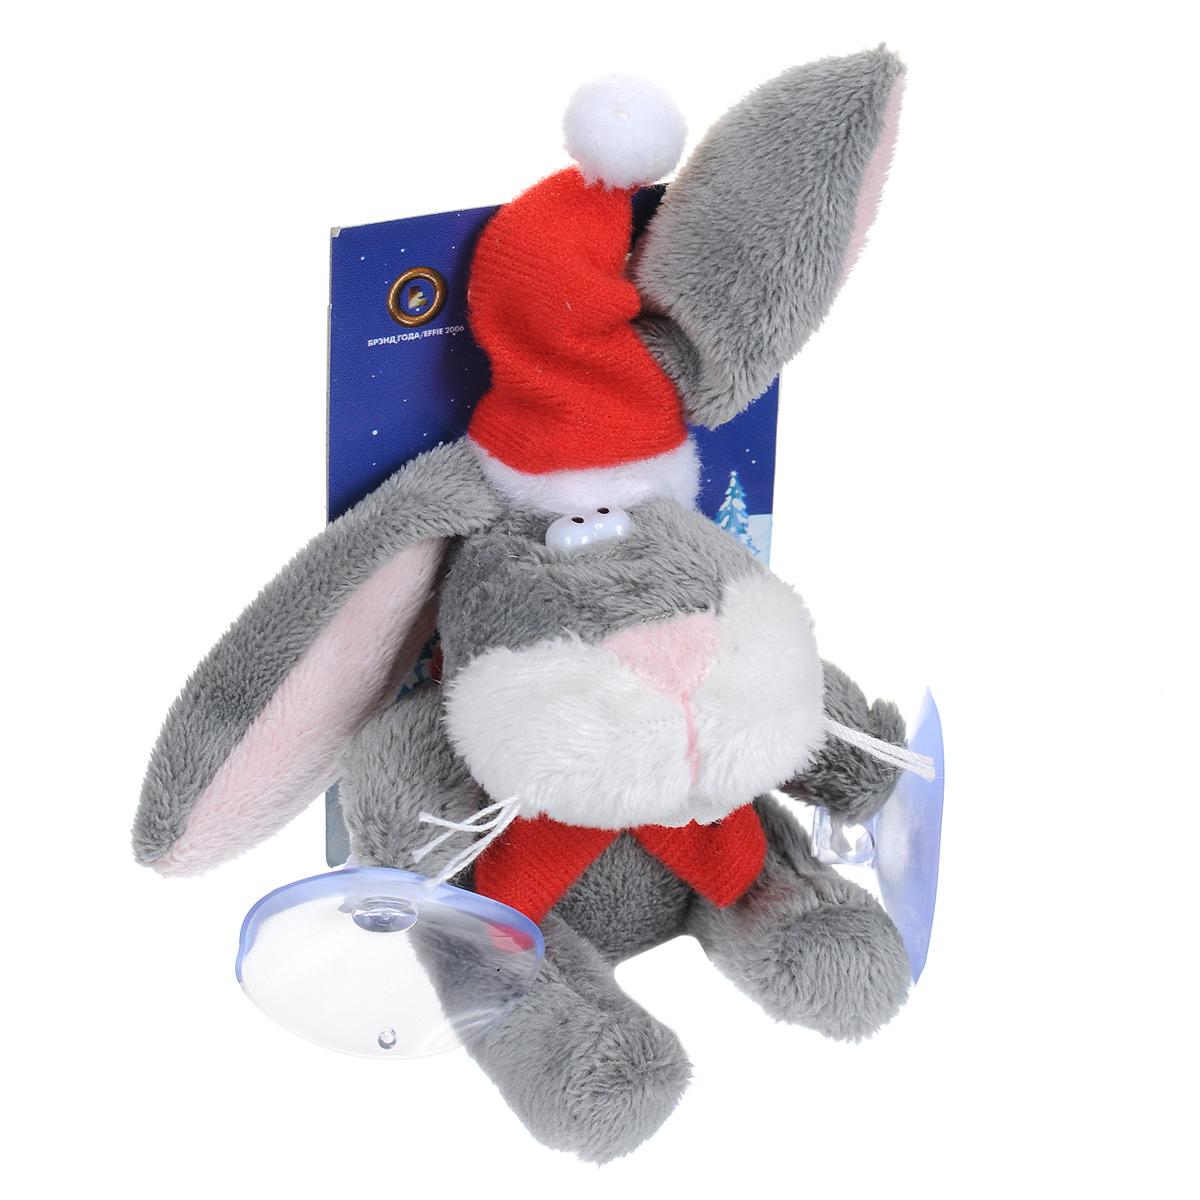 Мягкая игрушка Кролик, на присосках игрушка новогодняя мягкая mister christmas пряничная девочка высота 13 см